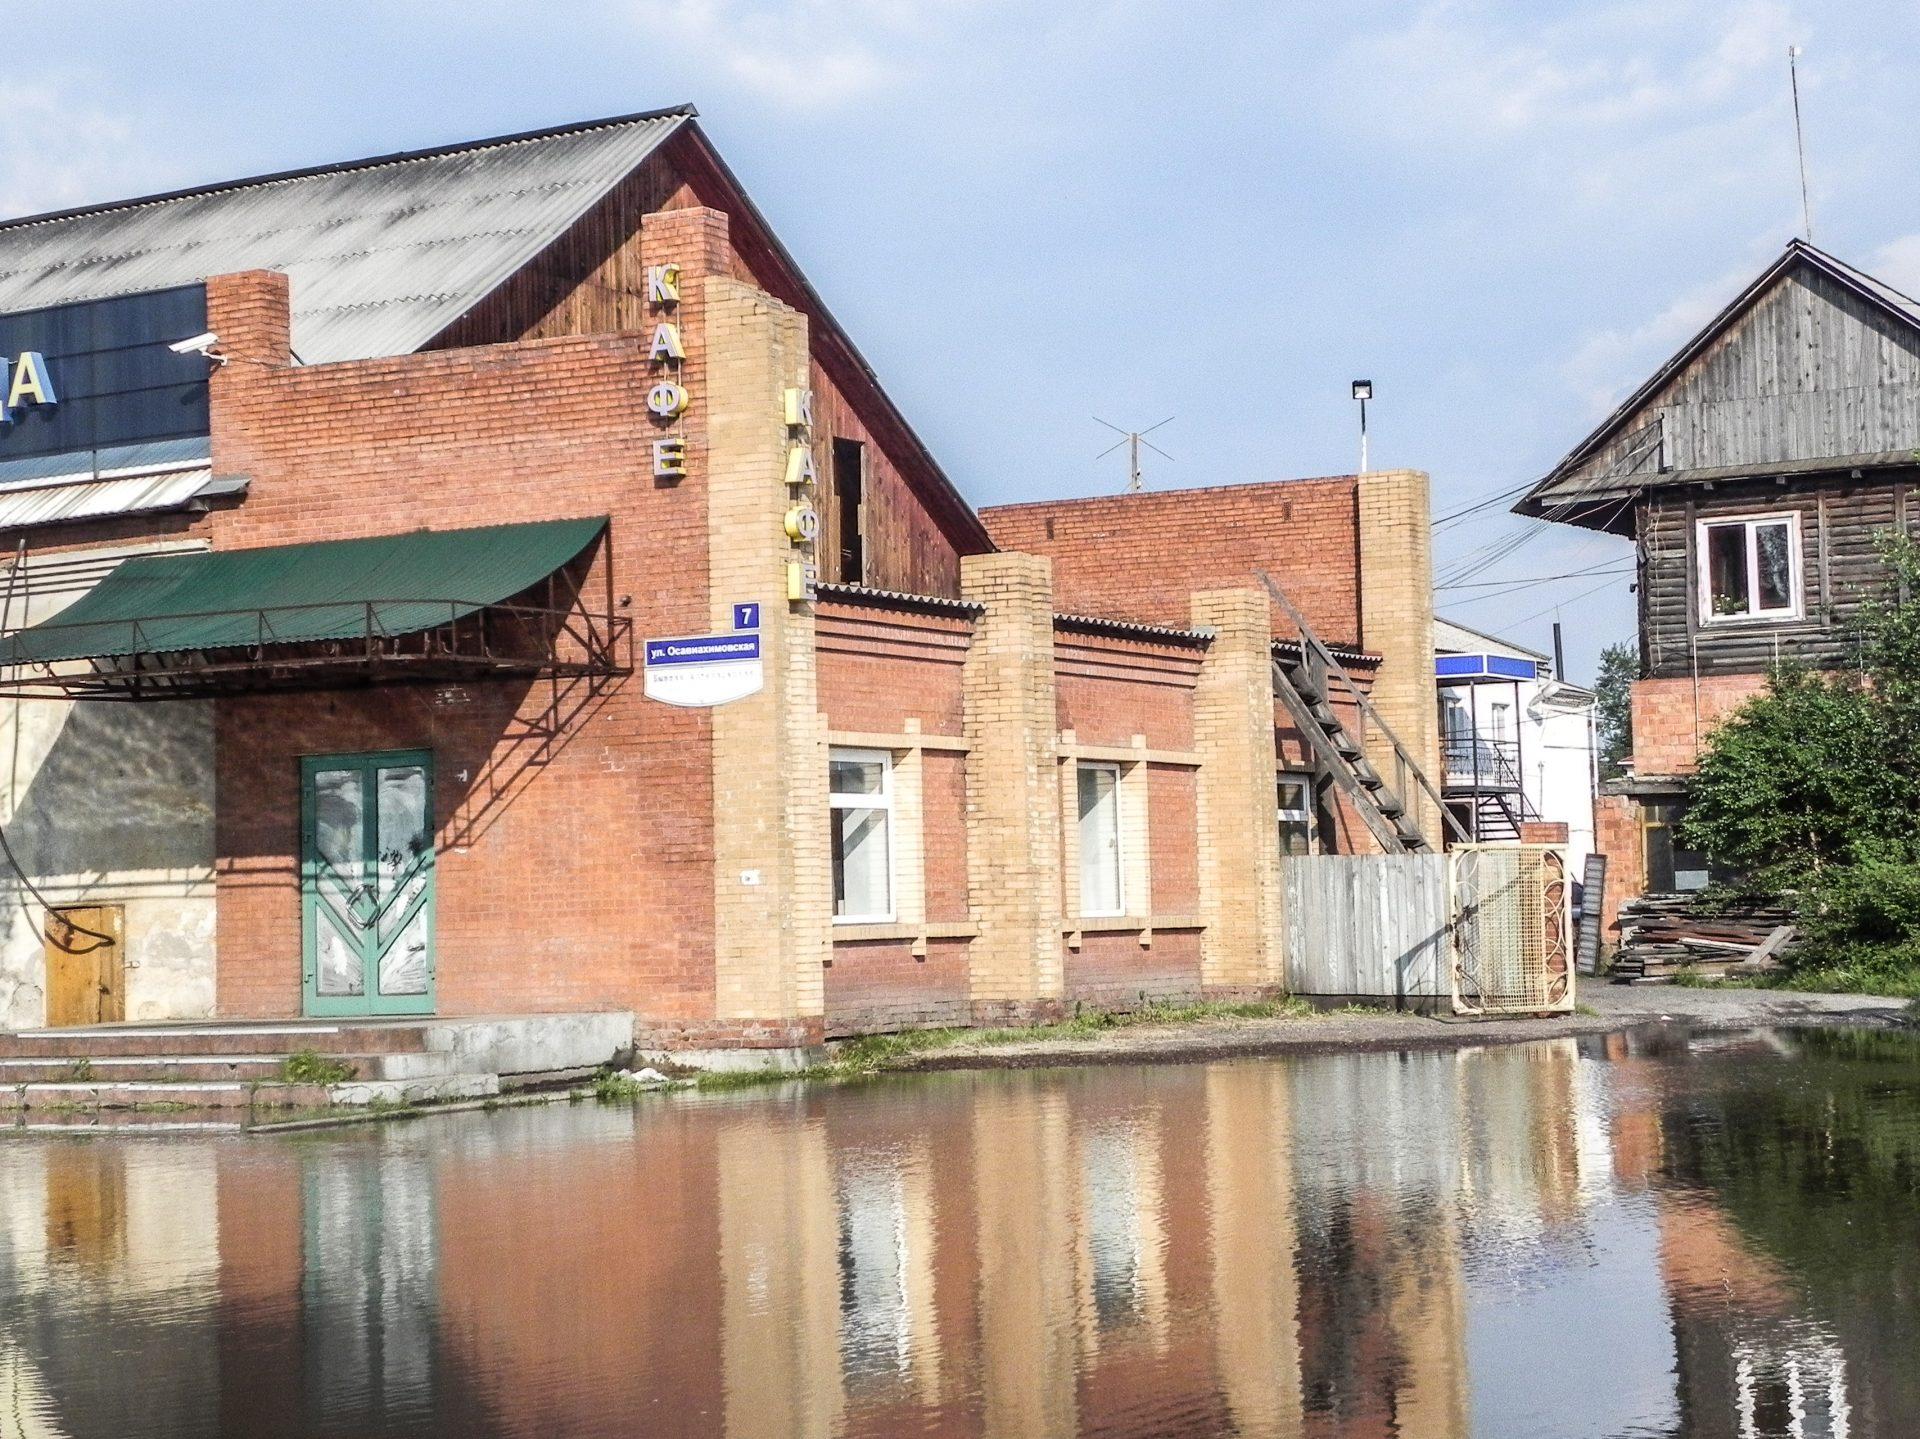 Иркутская область встречает экспедицию наводнением!